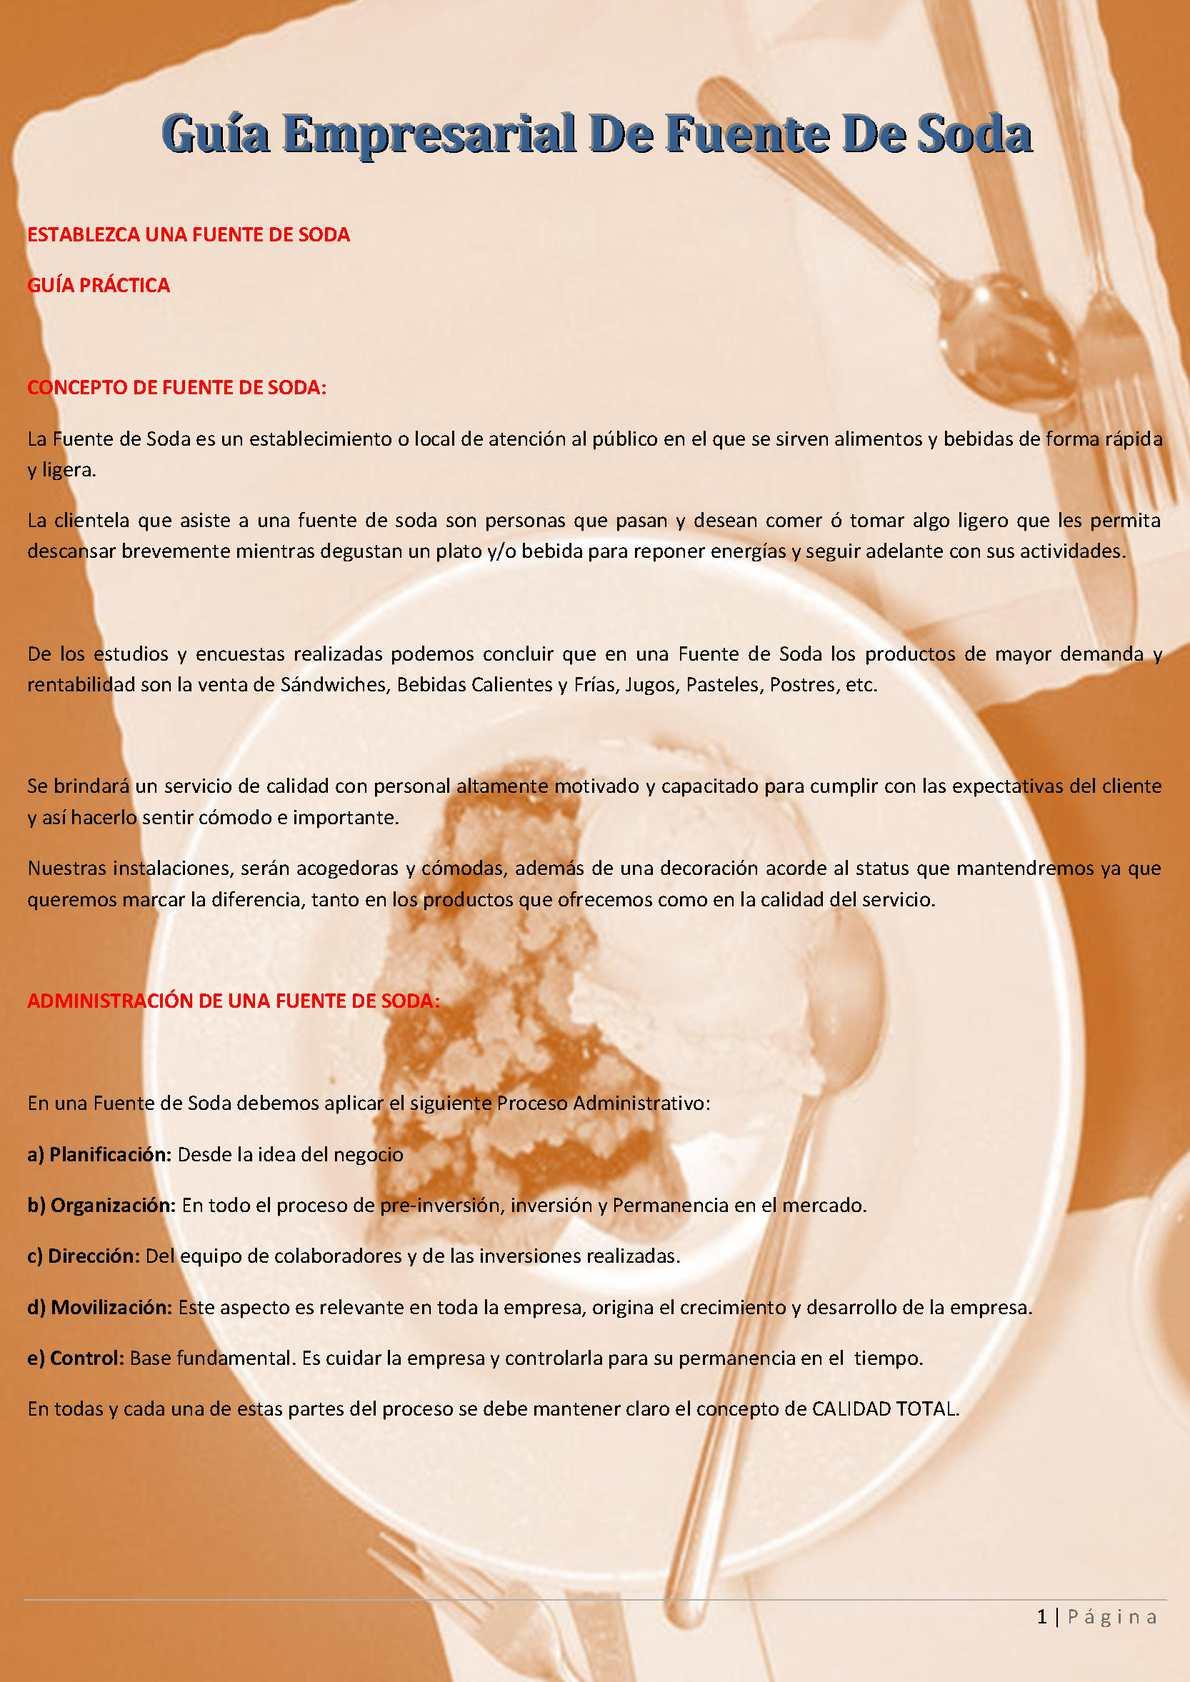 Guía Empresarial De Fuente De Soda